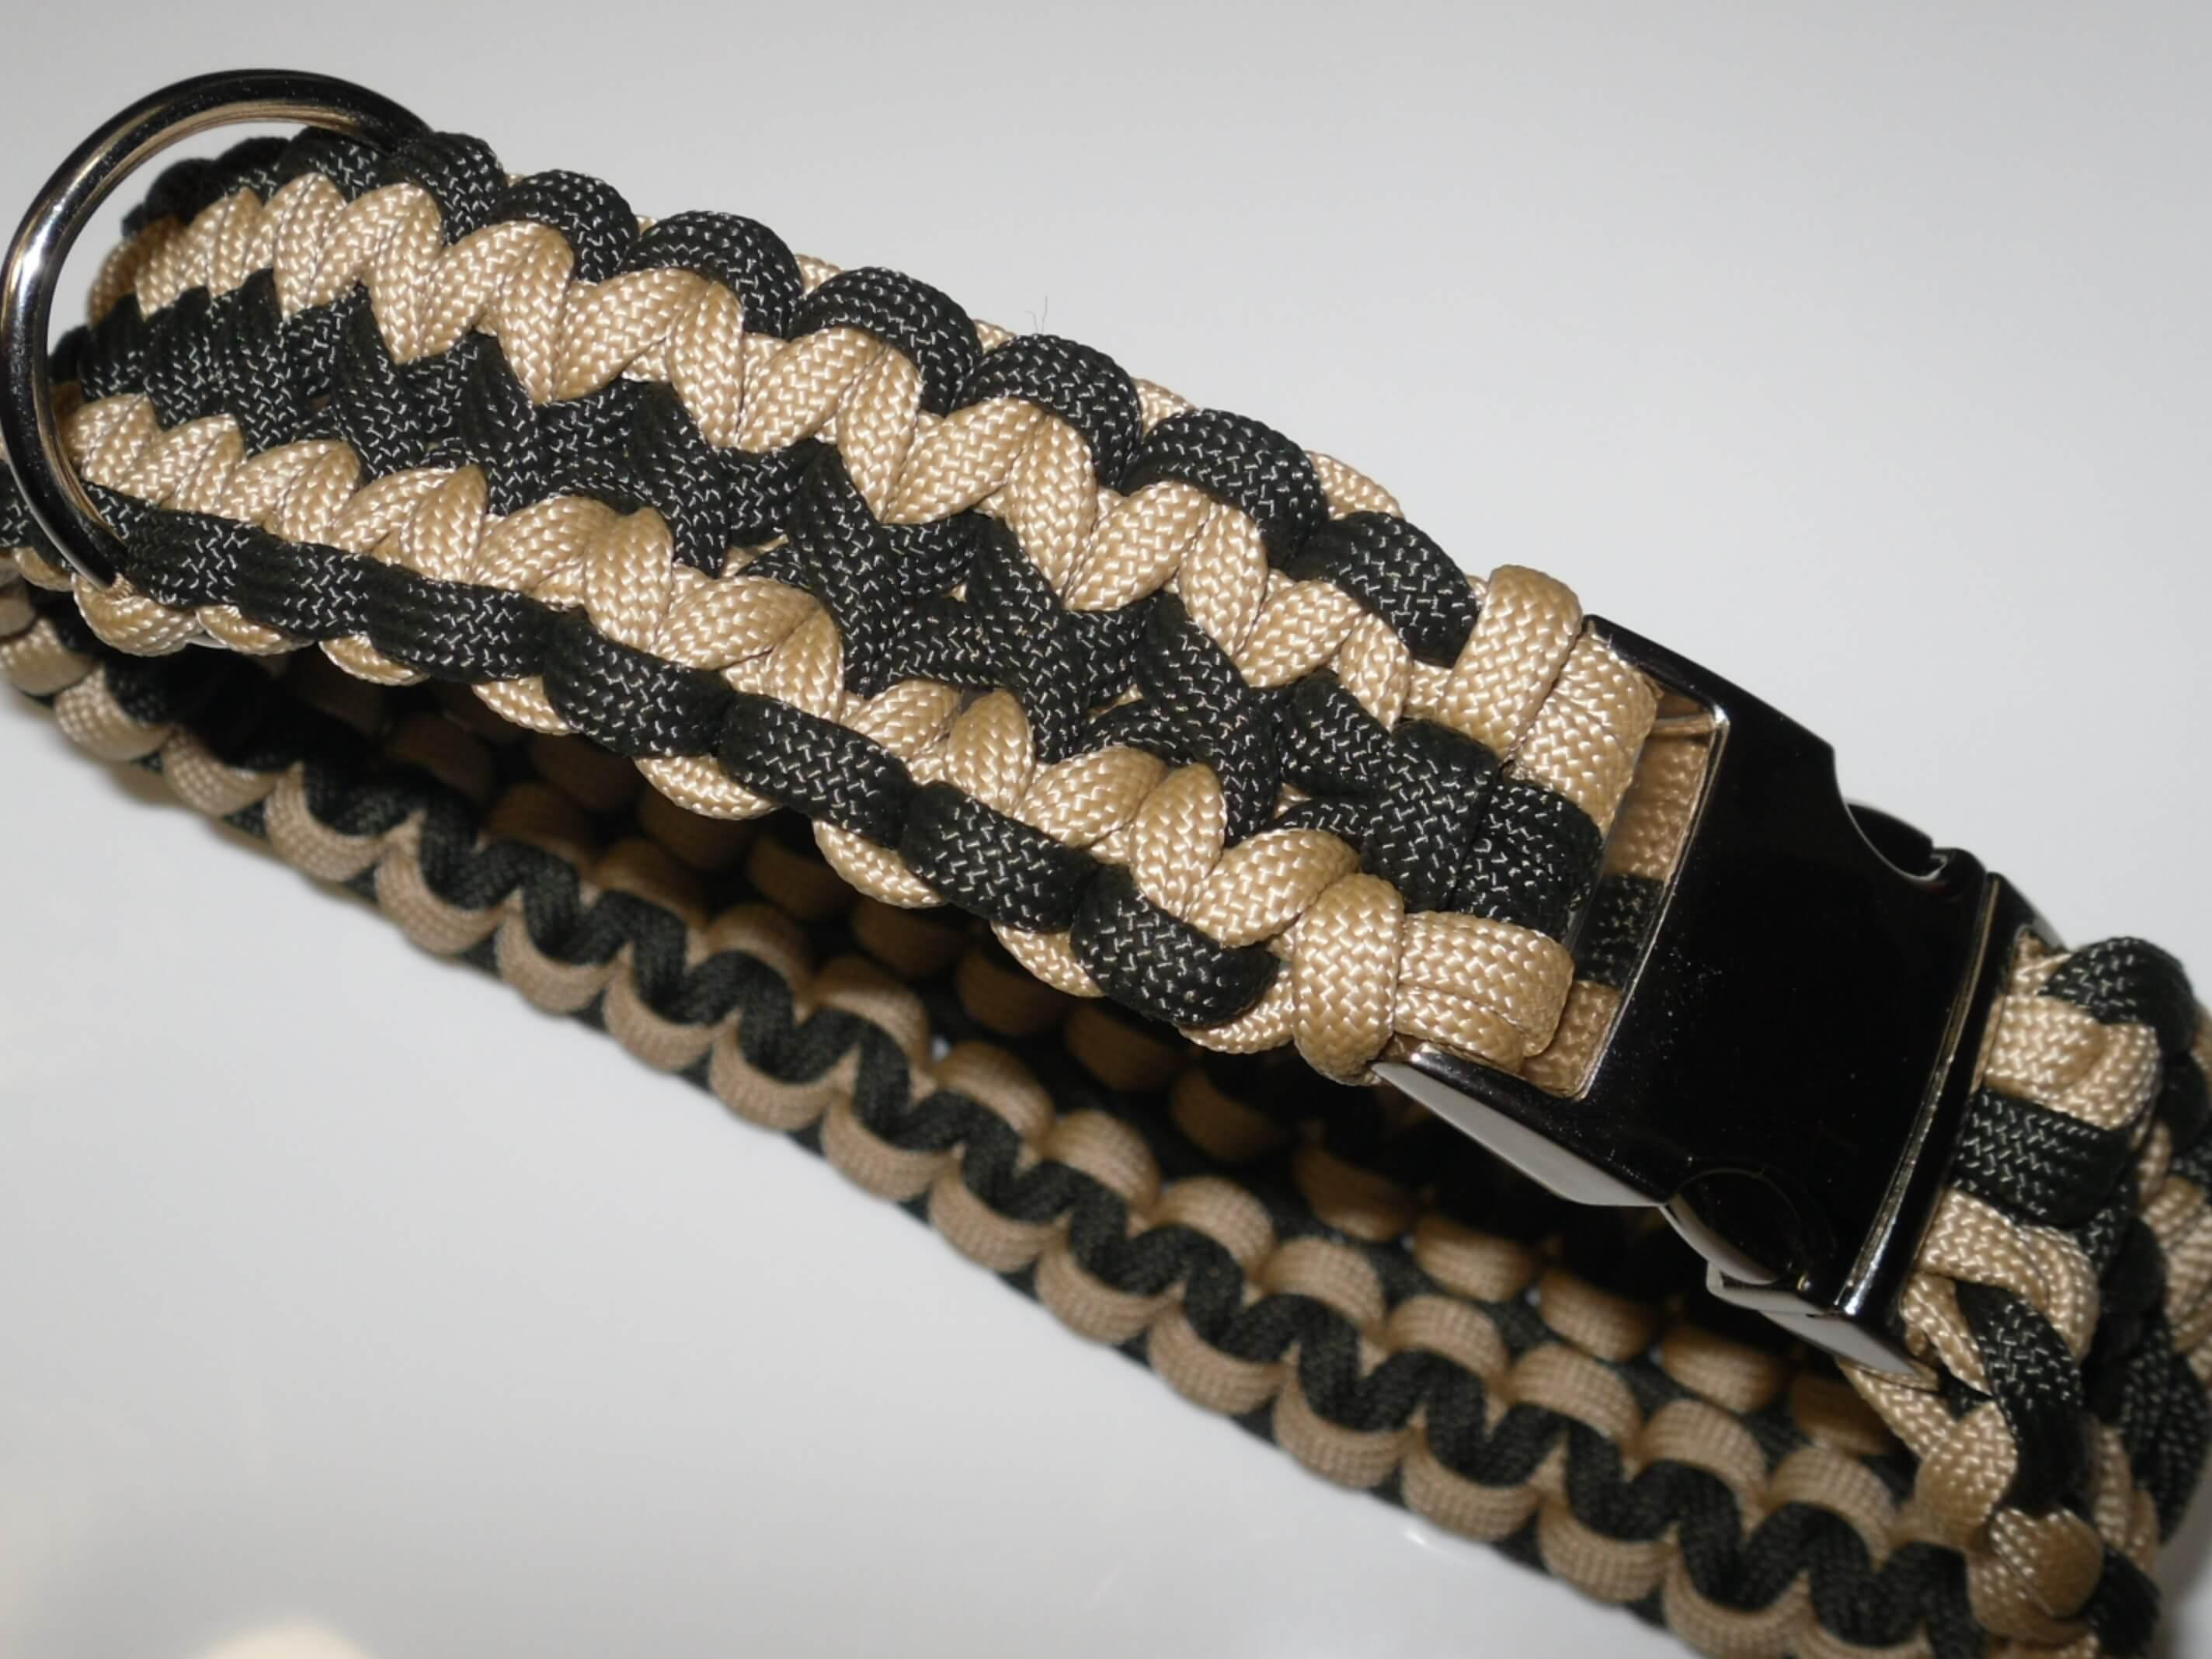 Extrem Eine neue Paracord Halsband Anleitung - breites Halsband JN11